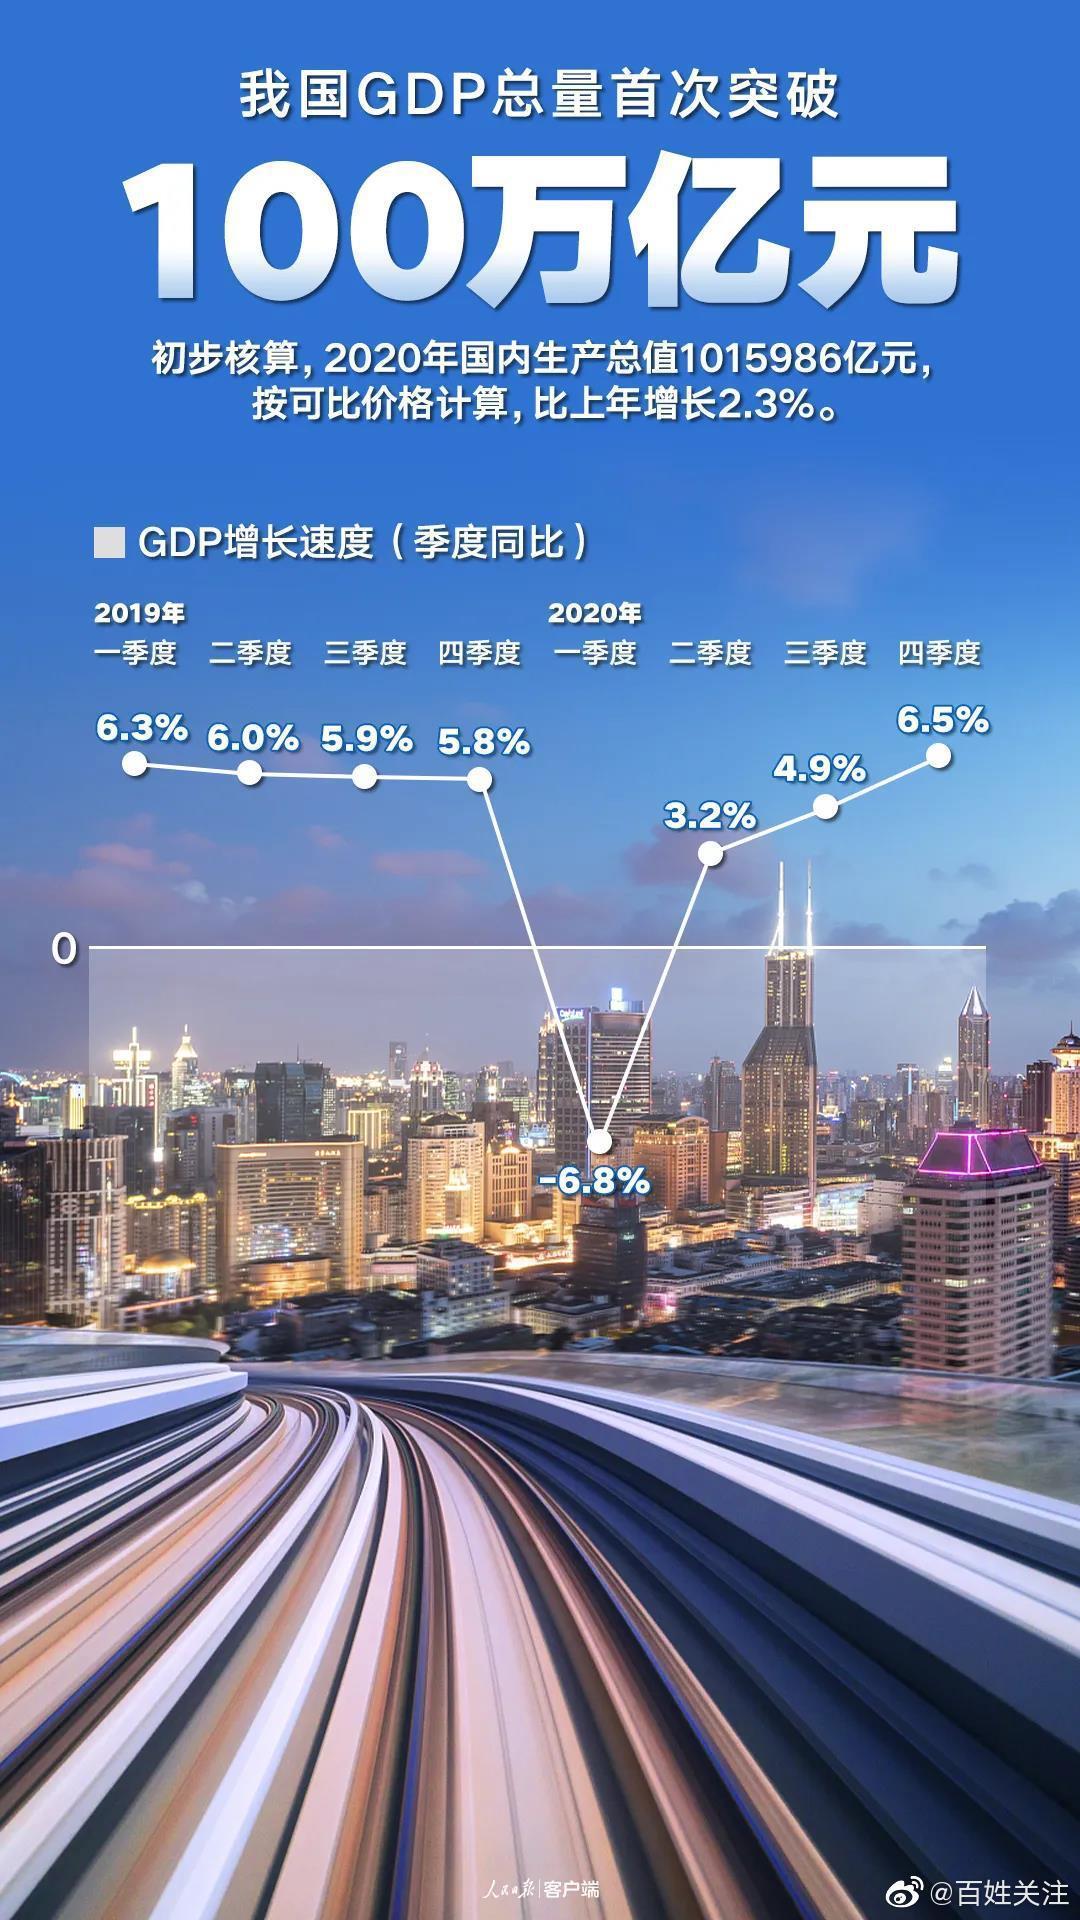 中国曲线,让世界惊艳!我国GDP总量首次突破100万亿元